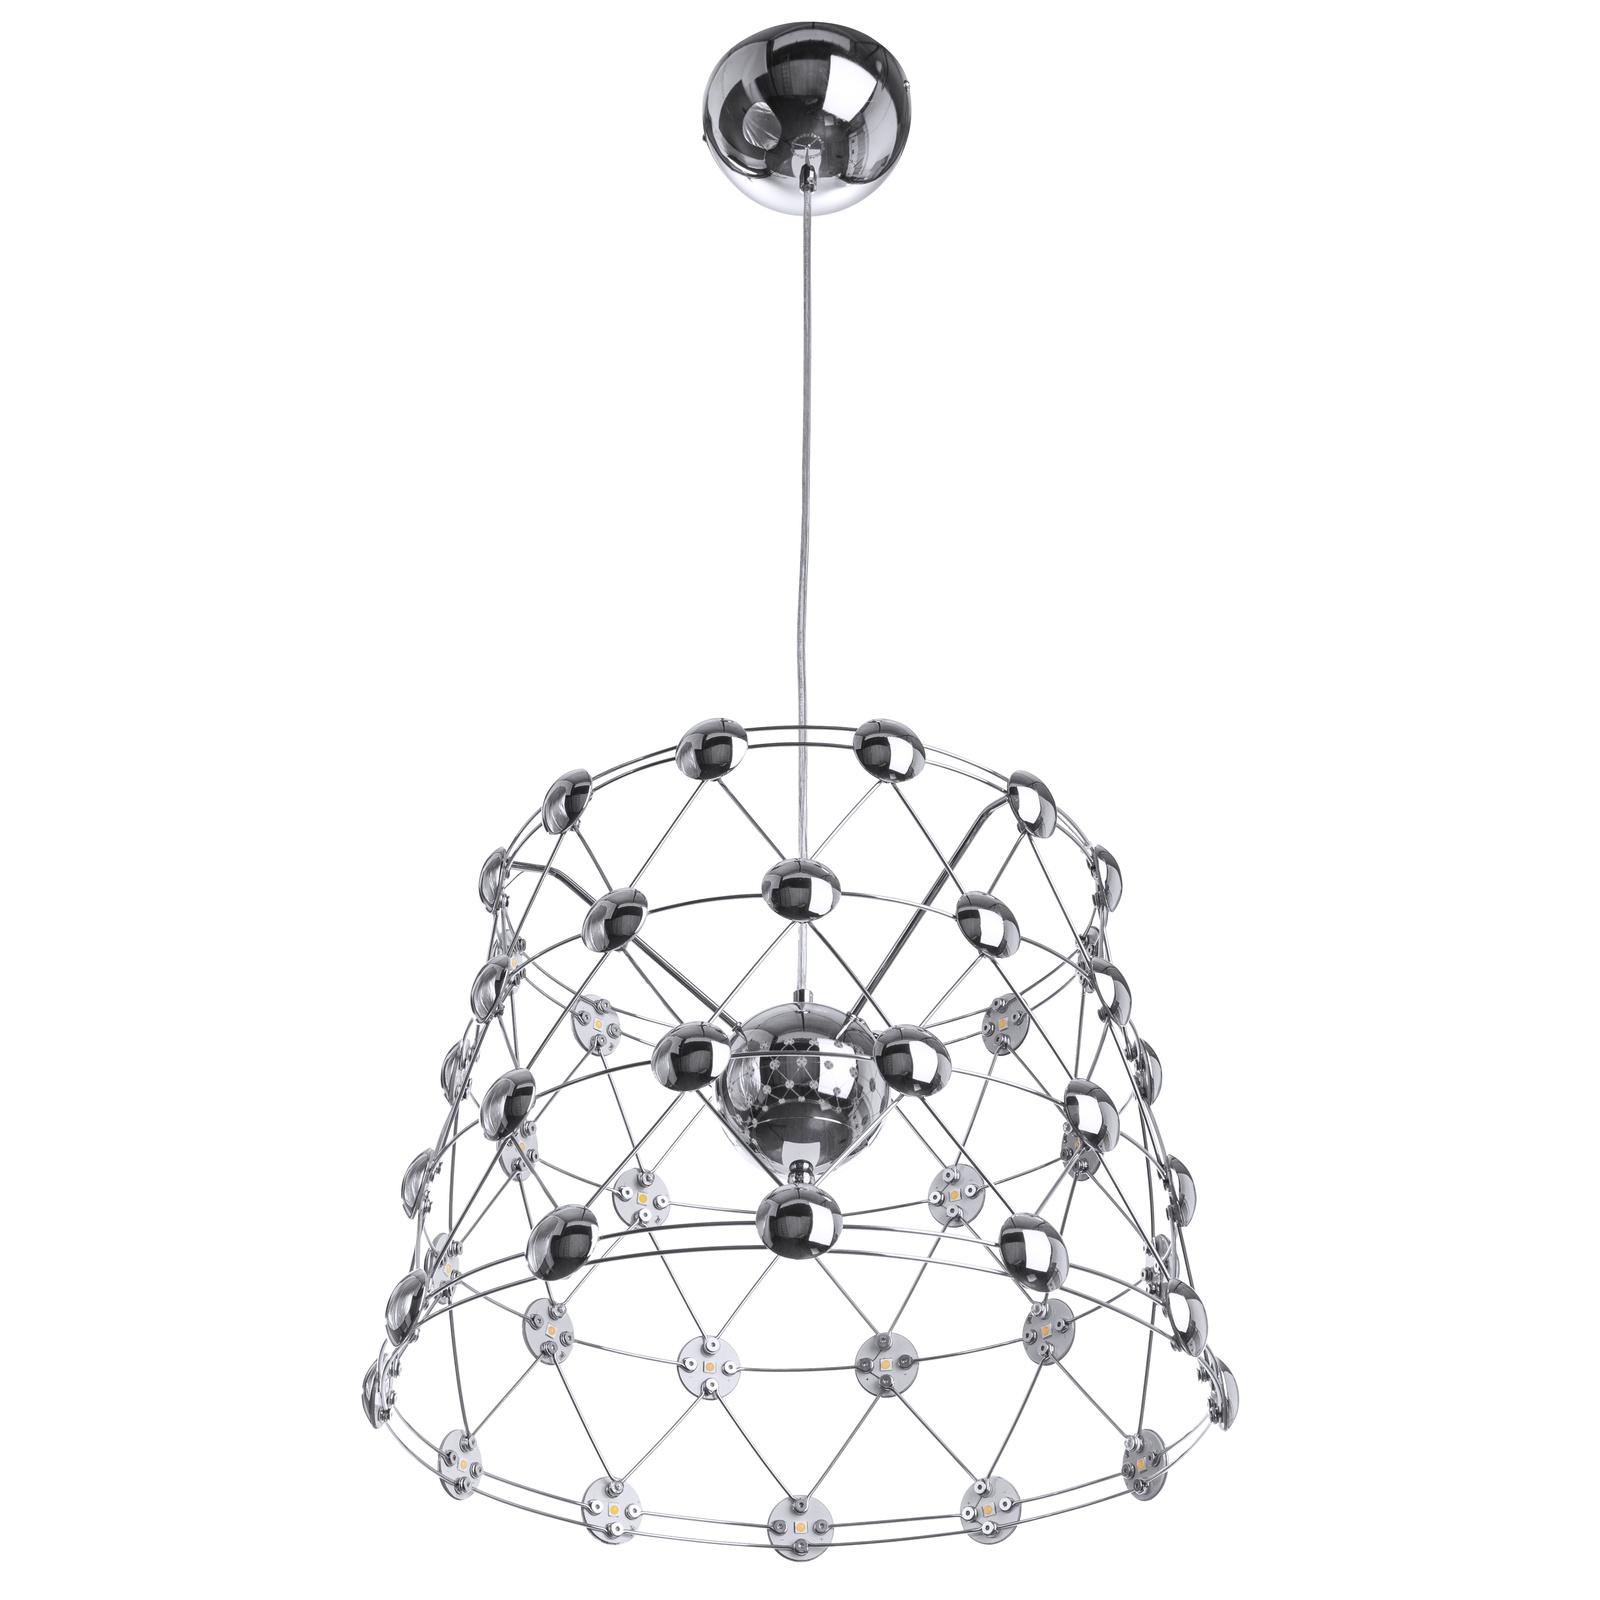 Подвесной светильник Divinare 1609/02 SP-48, серый металлик подвесной светильник divinare 1157 01 sp 2 серый металлик